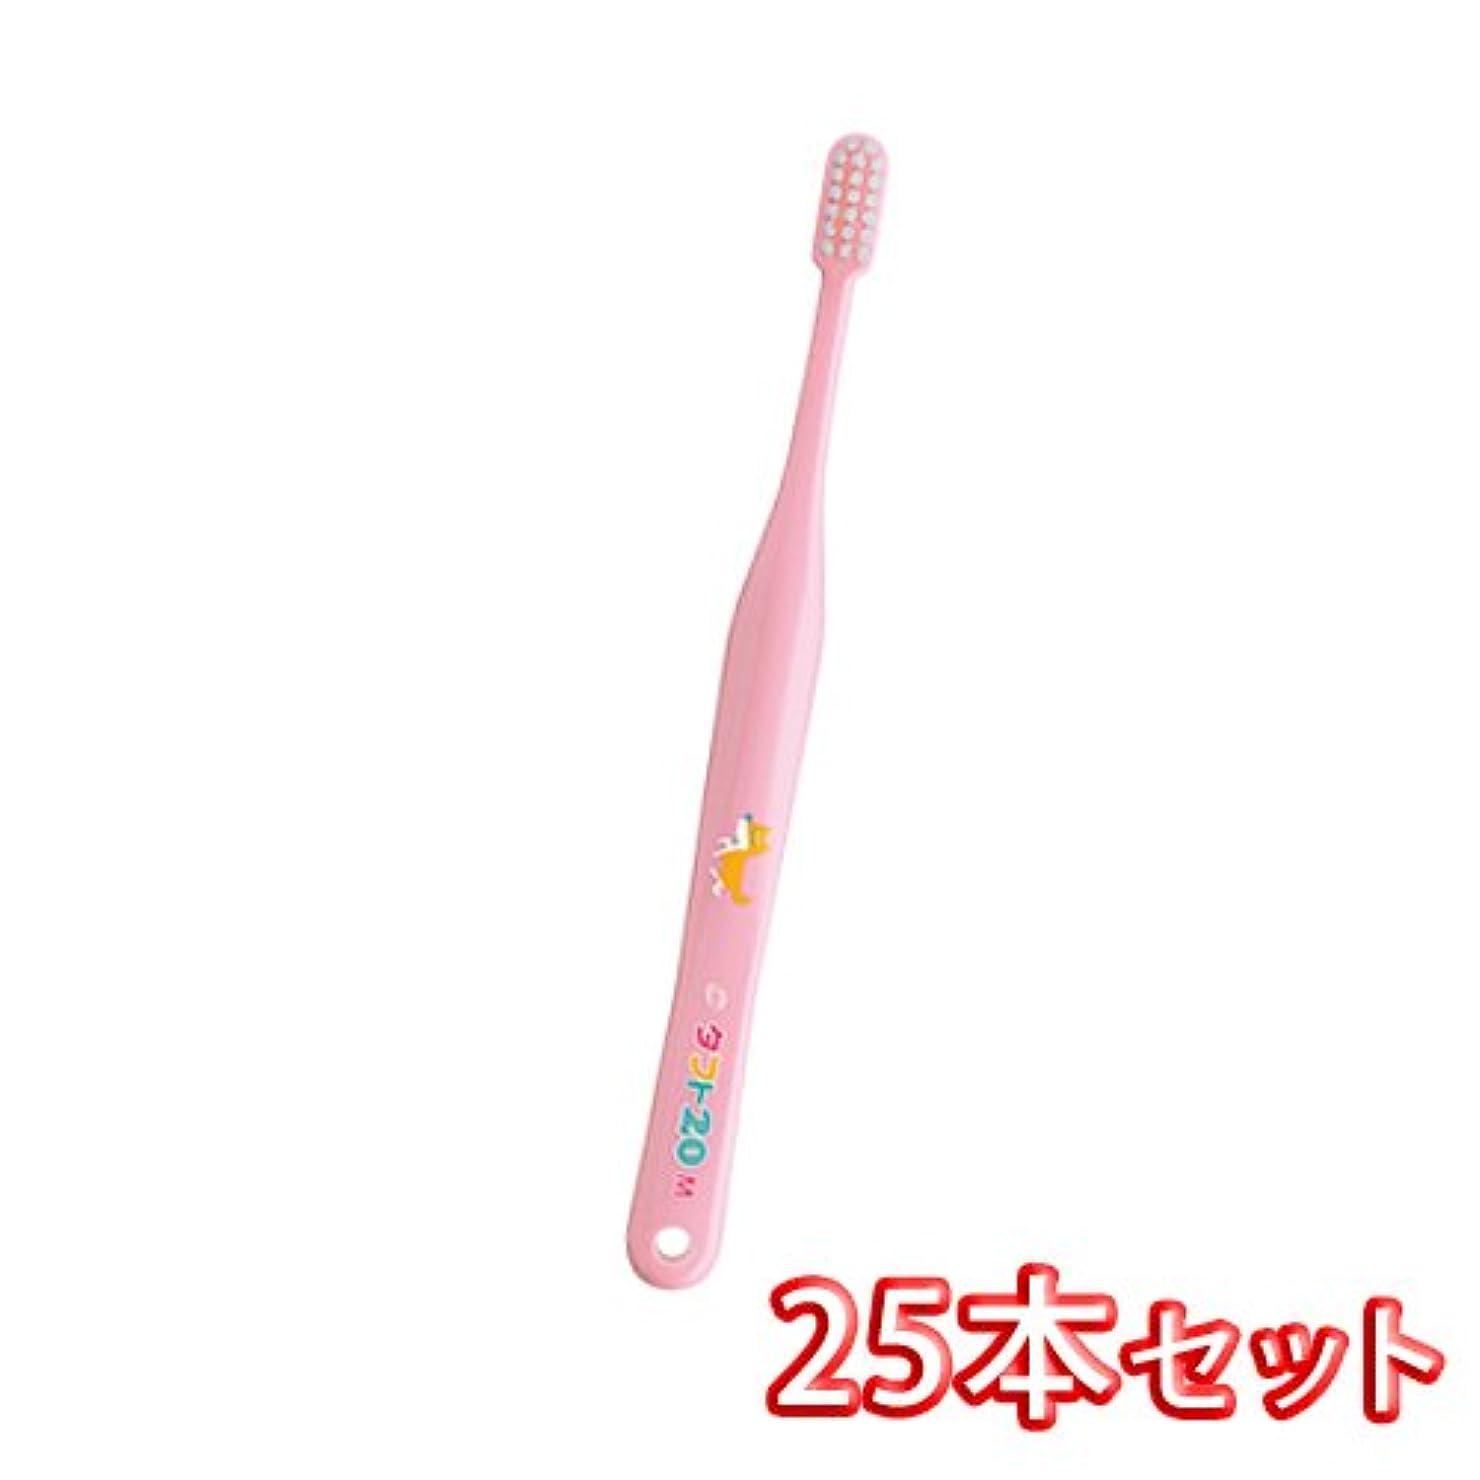 第九自伝パウダーオーラルケア タフト20 歯ブラシ ミディアム 25本入 M ピンク